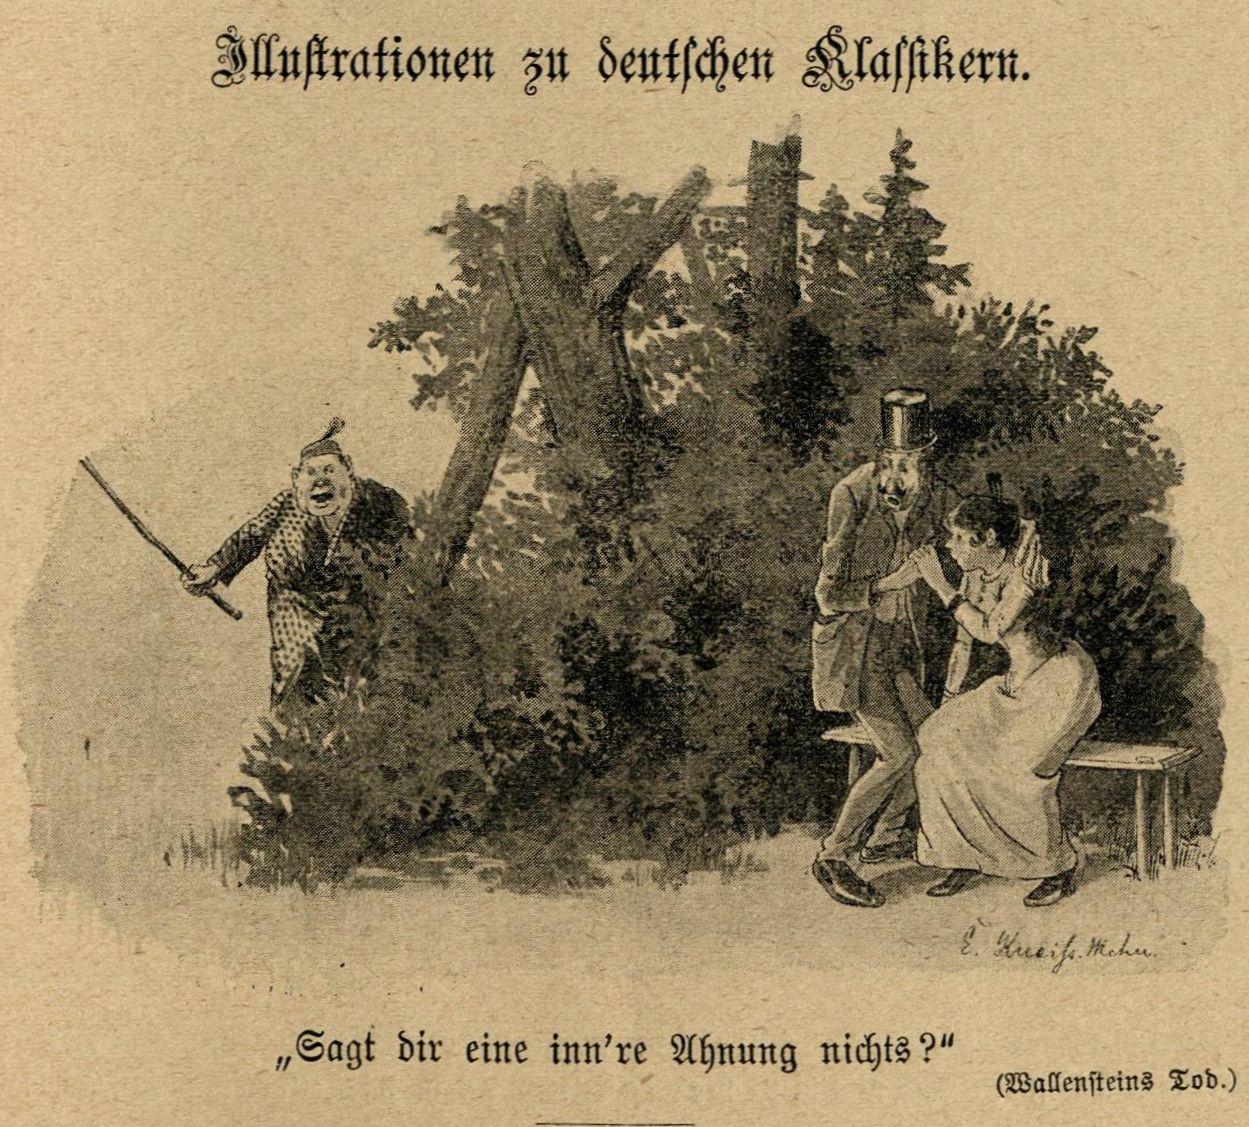 """""""Sagt dir eine inn're Ahnung nichts?"""" (Wallensteins Tod)"""